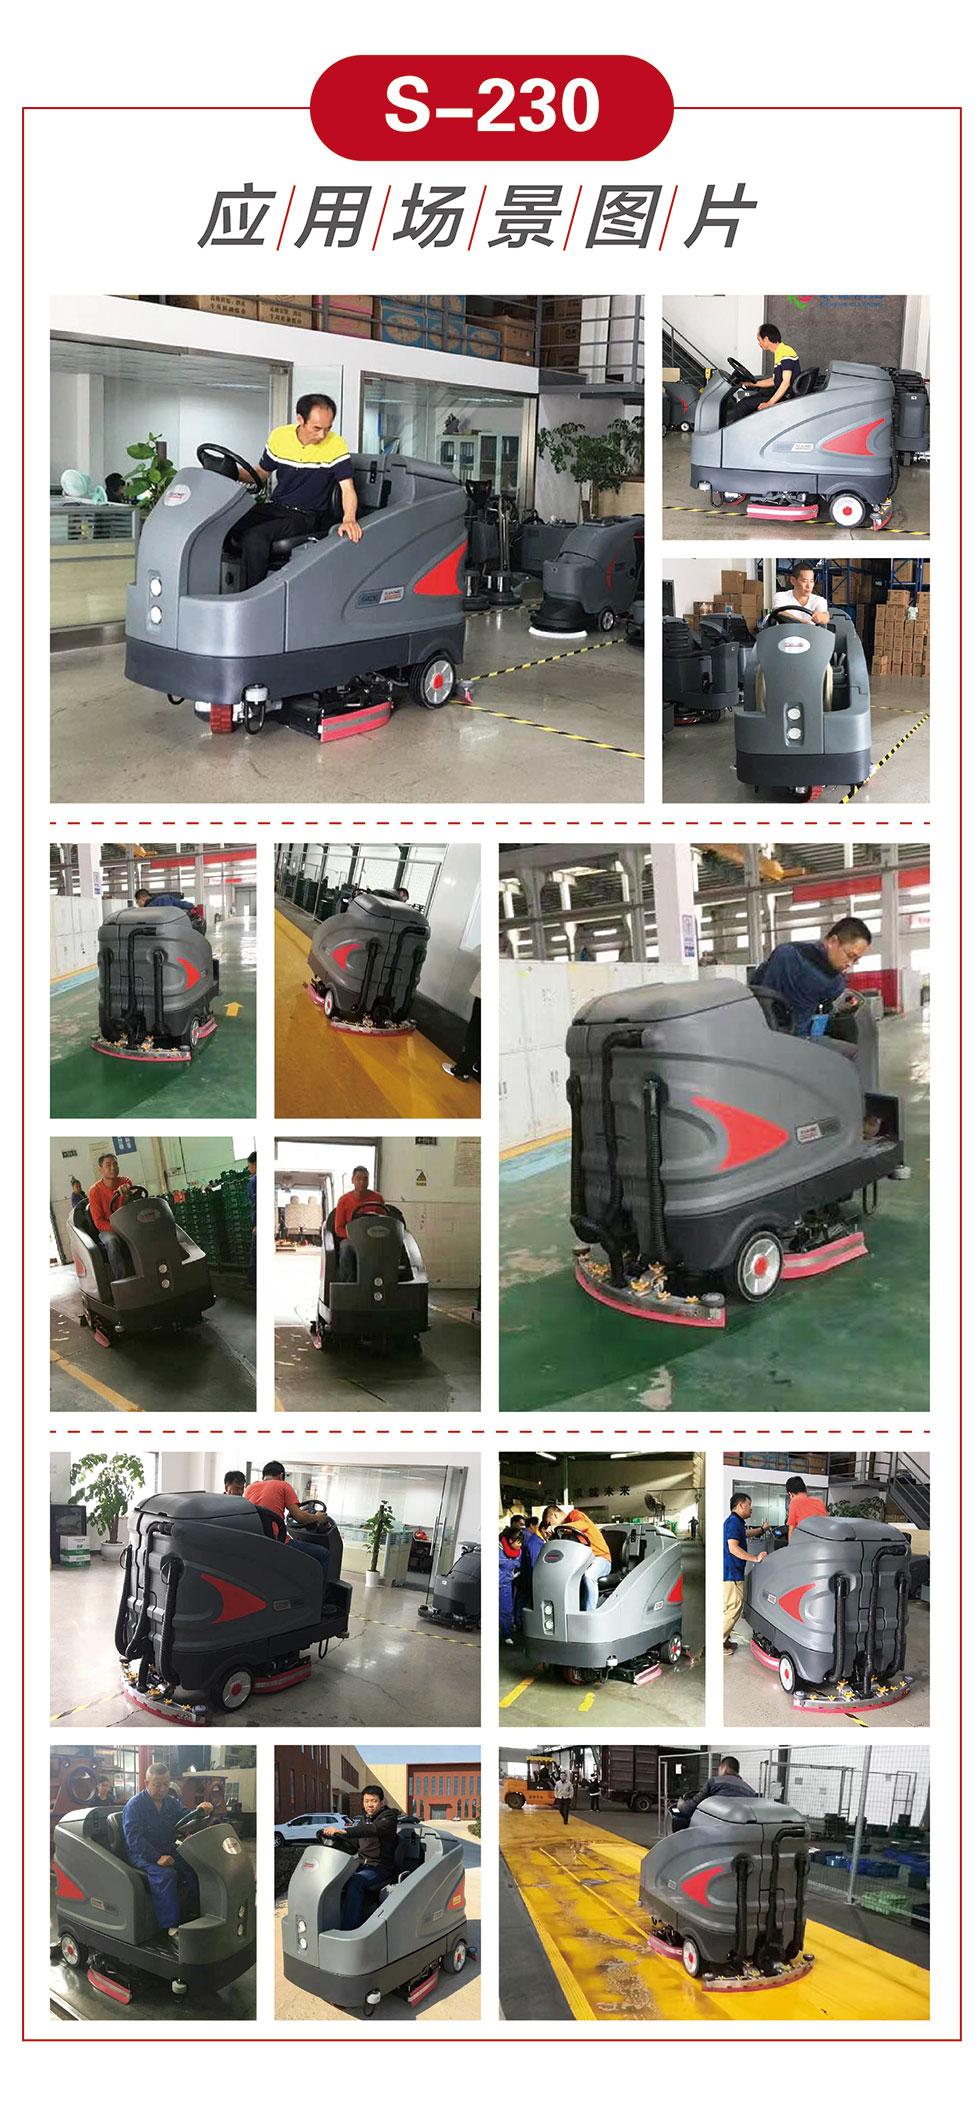 S-230驾驶式洗地车应用场景